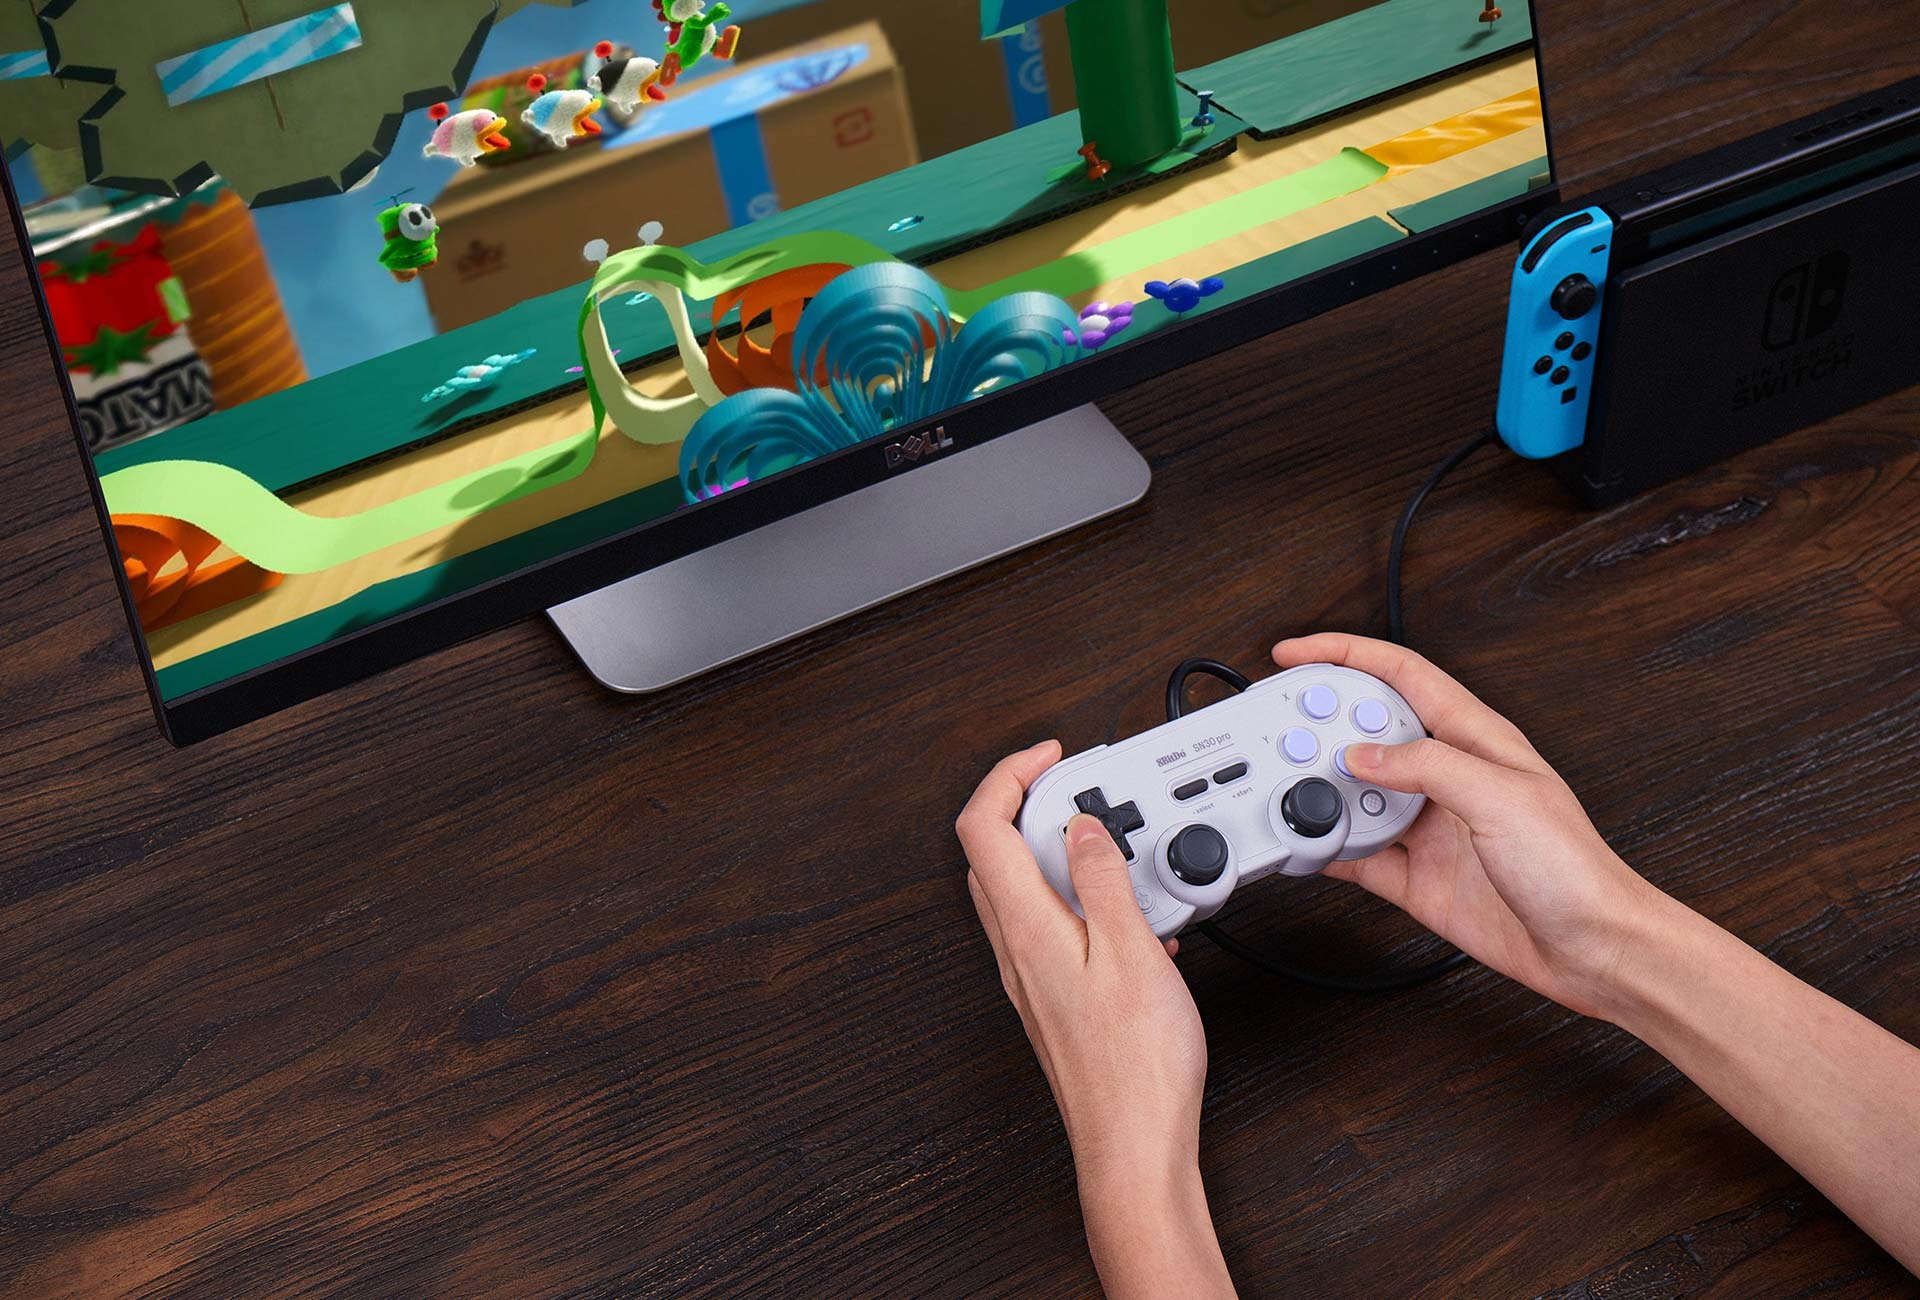 8 bitdo sn30 pro usb gamepad controlador com fio para windows